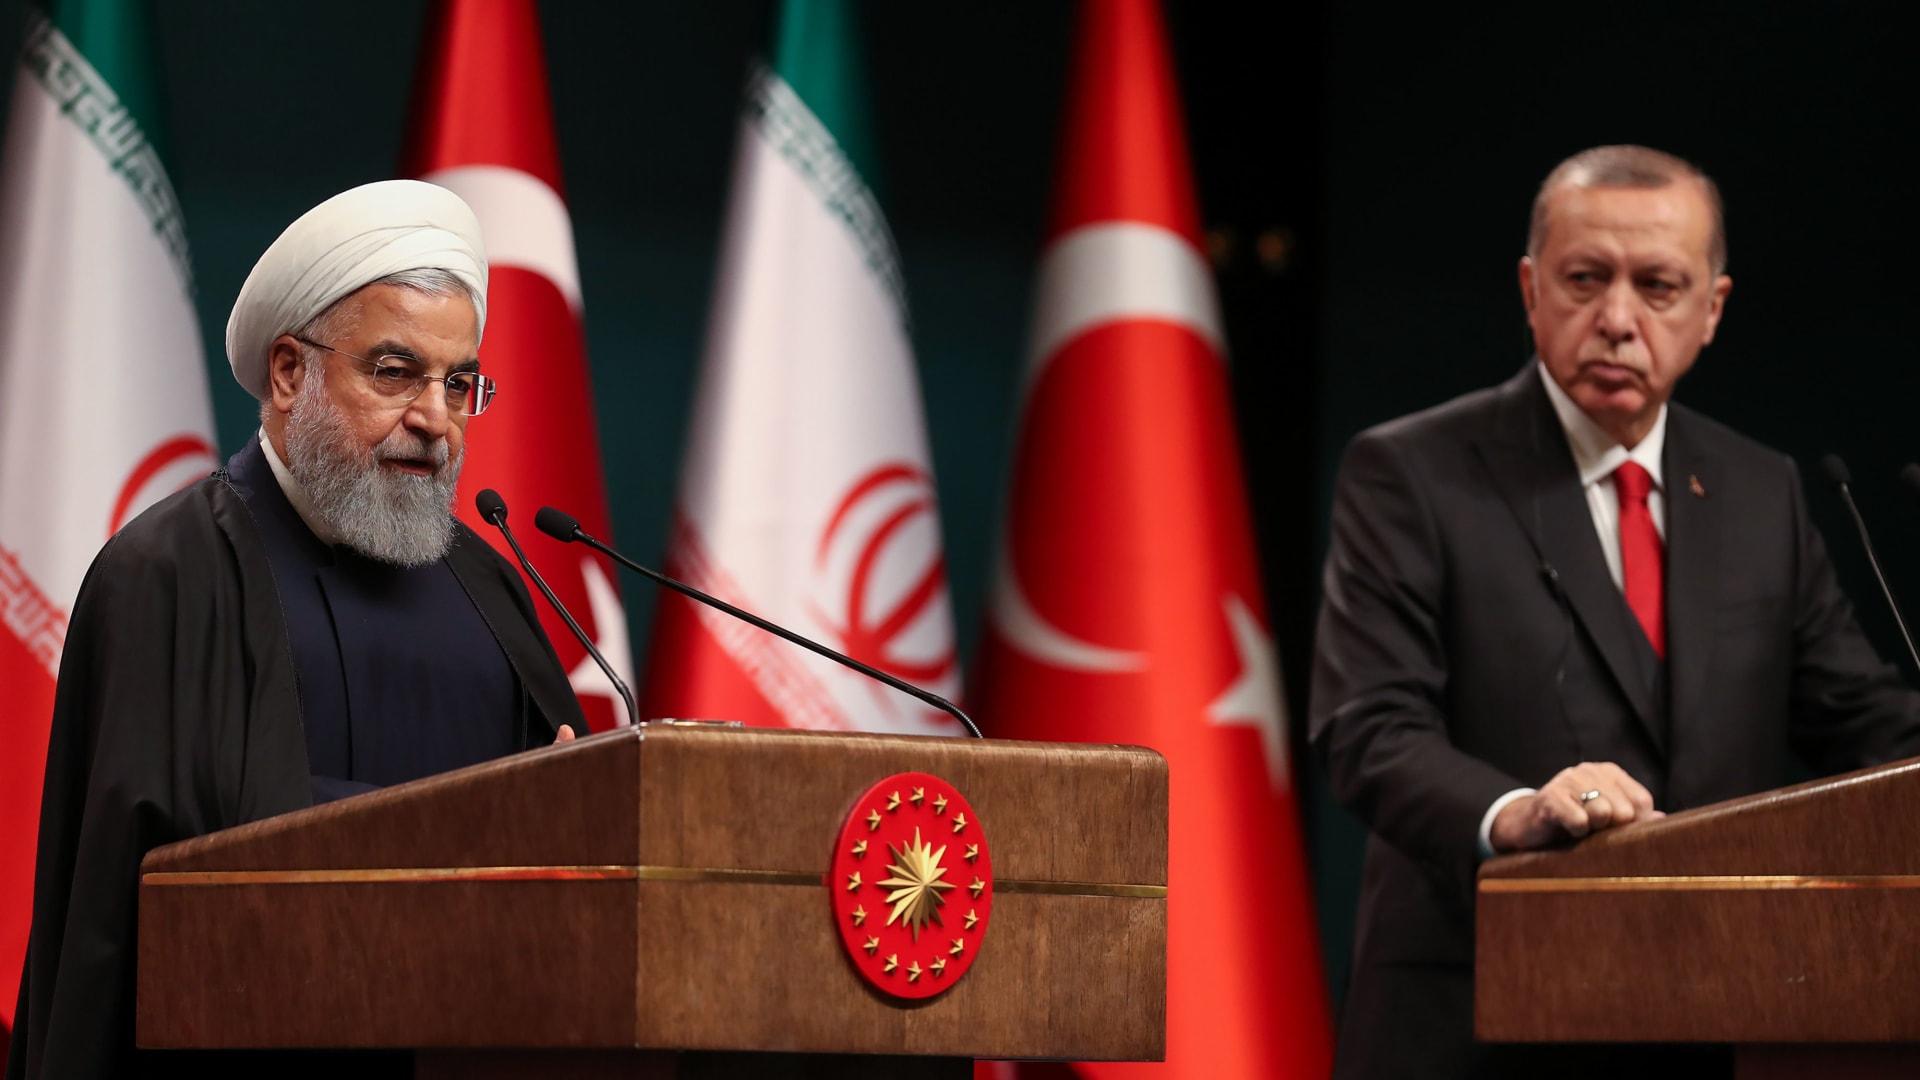 روحاني لأردوغان: نعرف قتلة فخري زاده.. والرئيس التركي: دوائر ظلام المنطقة ستفشل